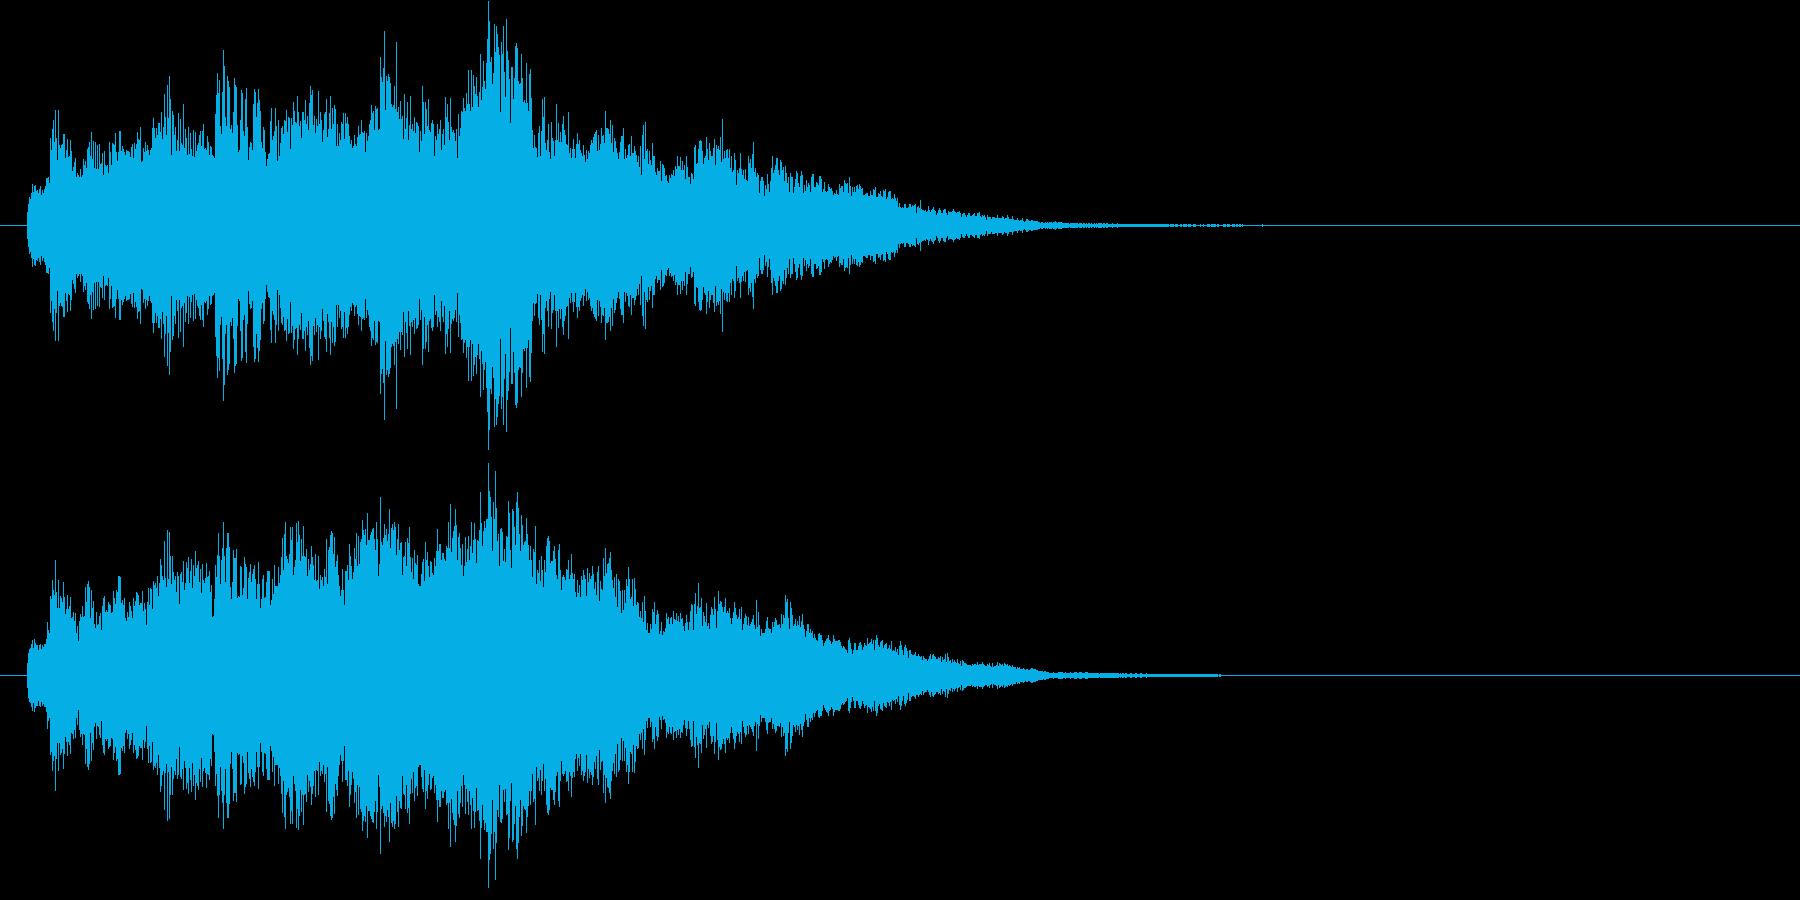 オルゴールと女声のホラー系ジングルの再生済みの波形